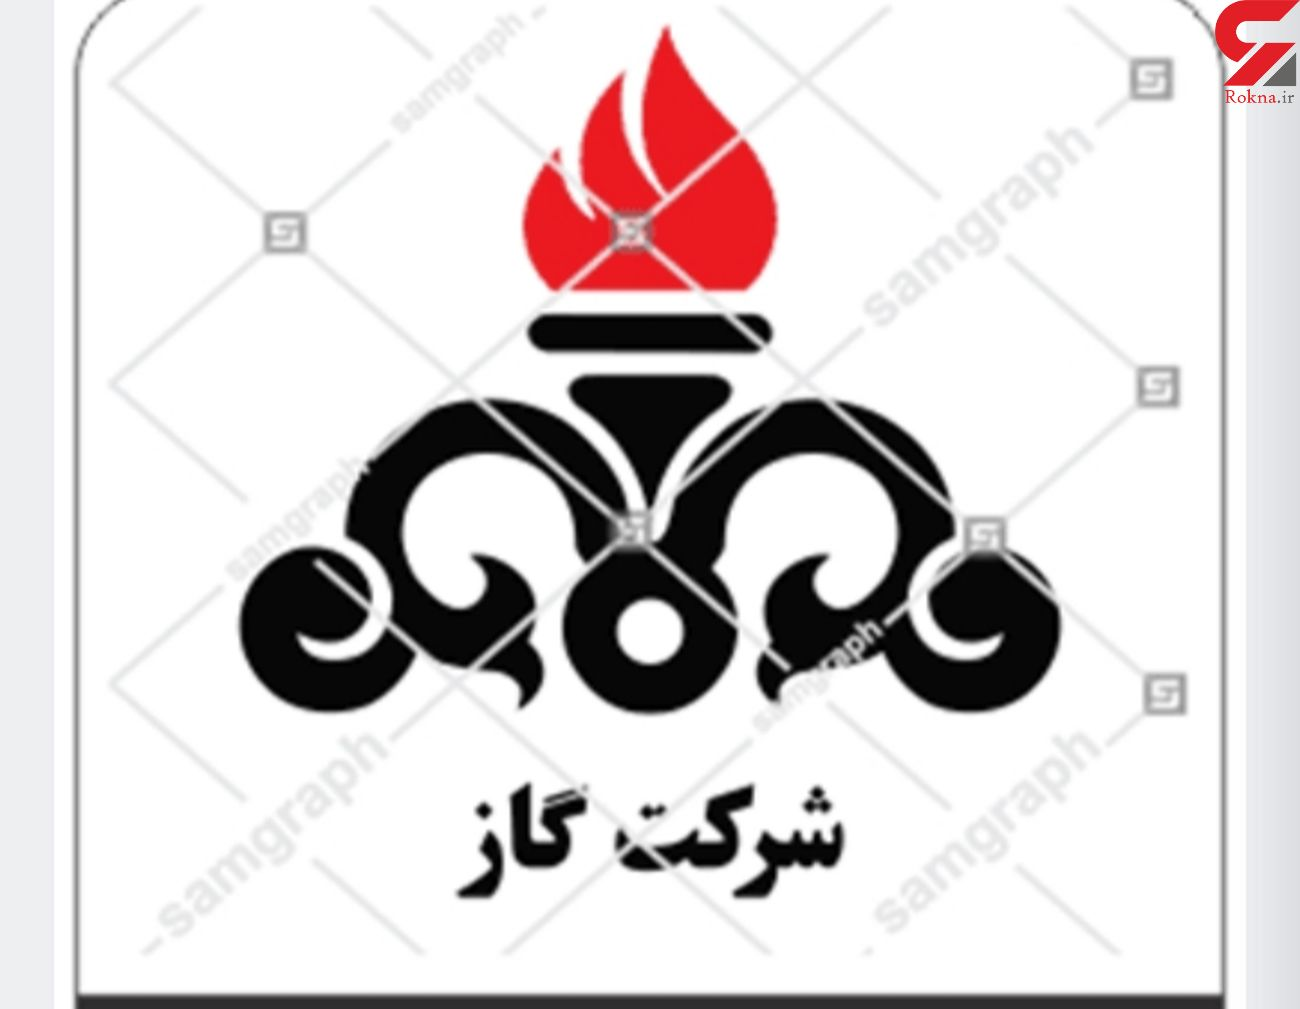 شرکت گاز استان ایلام برای توزیع پایدار گاز در فصل سرما آمادگی دارد.